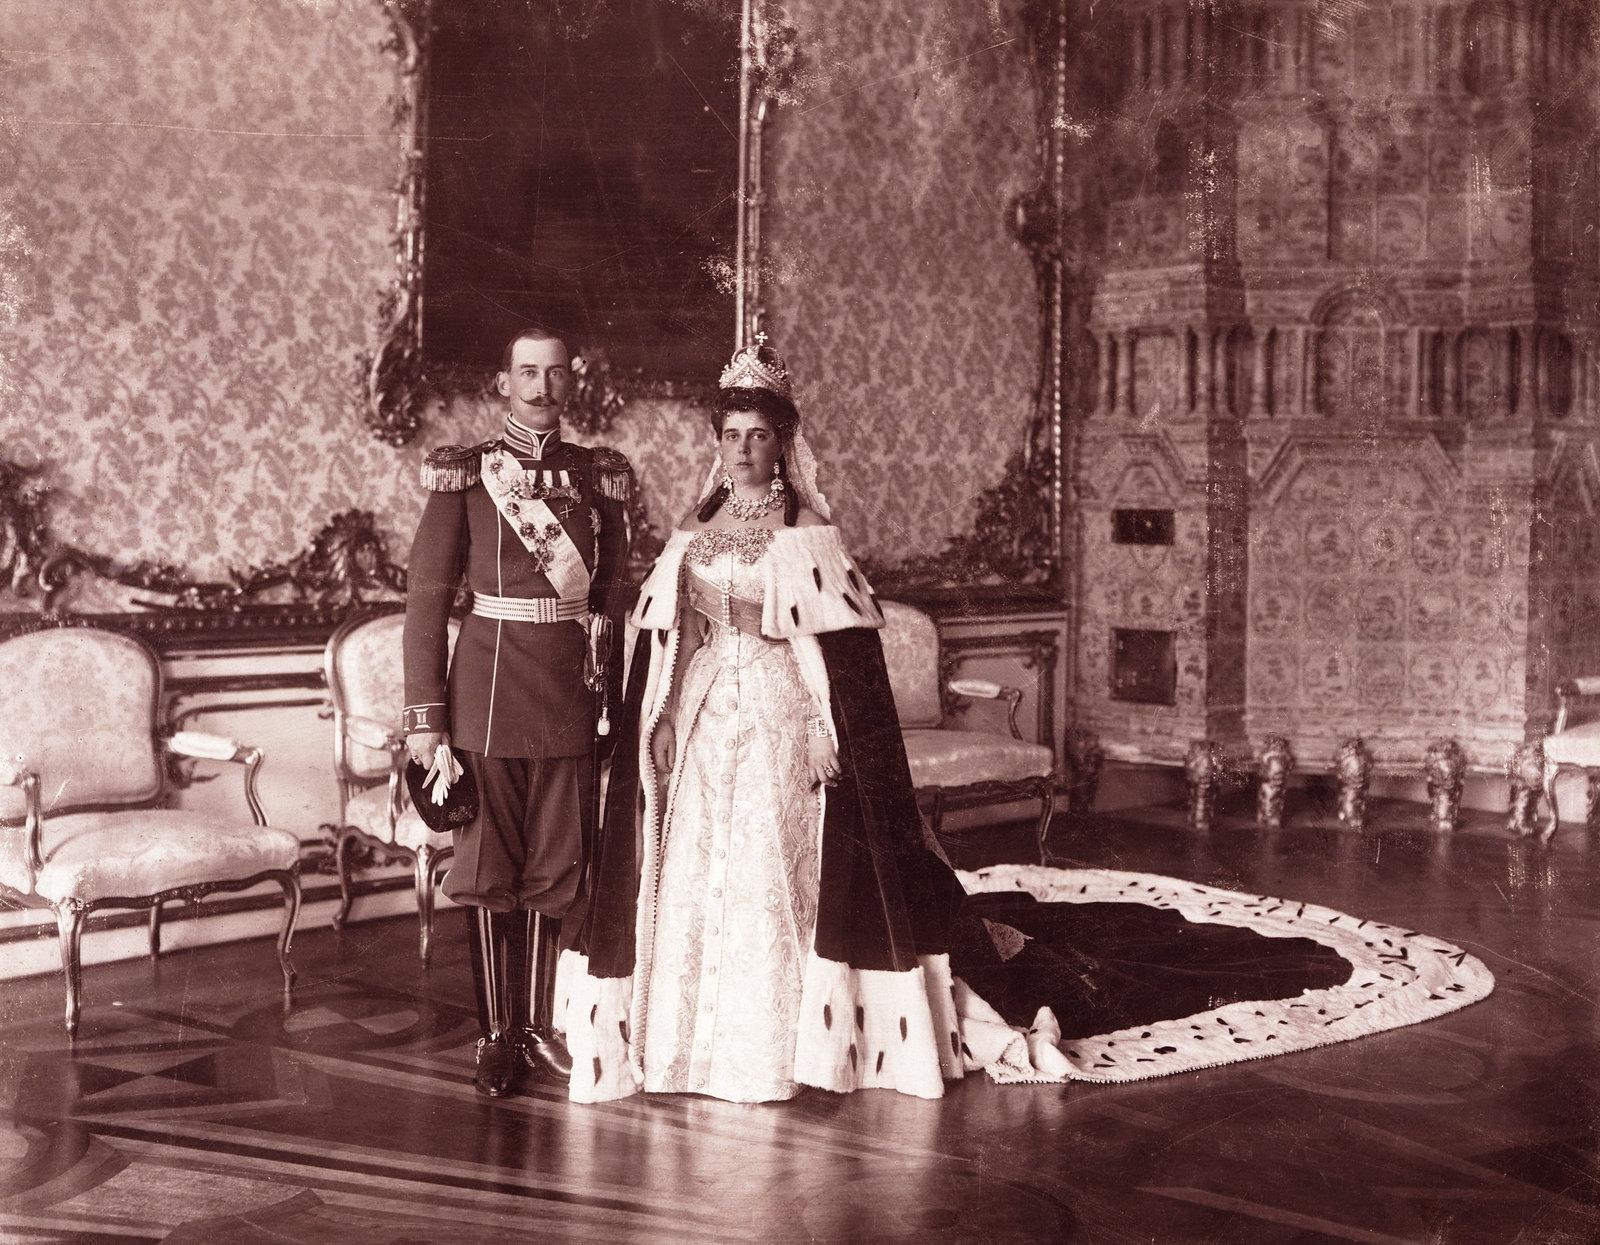 1913. Камергер Иван Васильевич Сосновский с женой перед отъездом на дворцовый бал